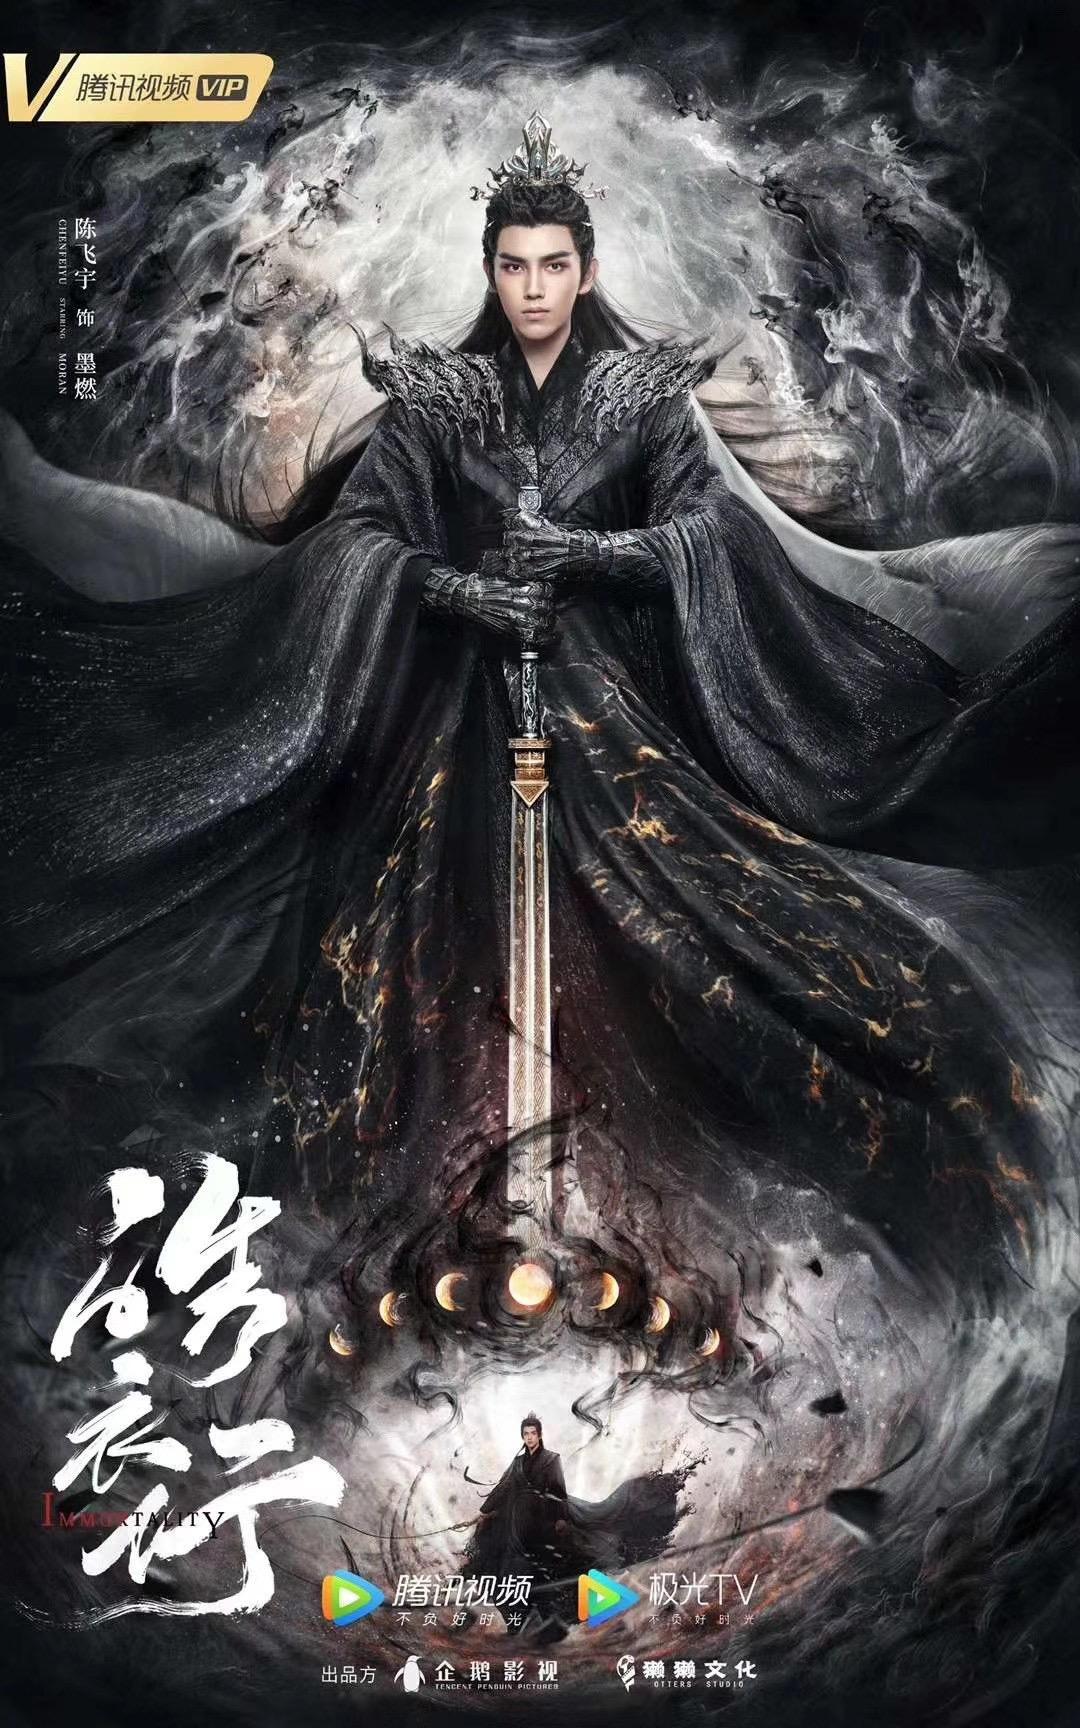 《長安諾》之後是《將軍令》 成毅趙文浩能否超越《陳情令》-圖2